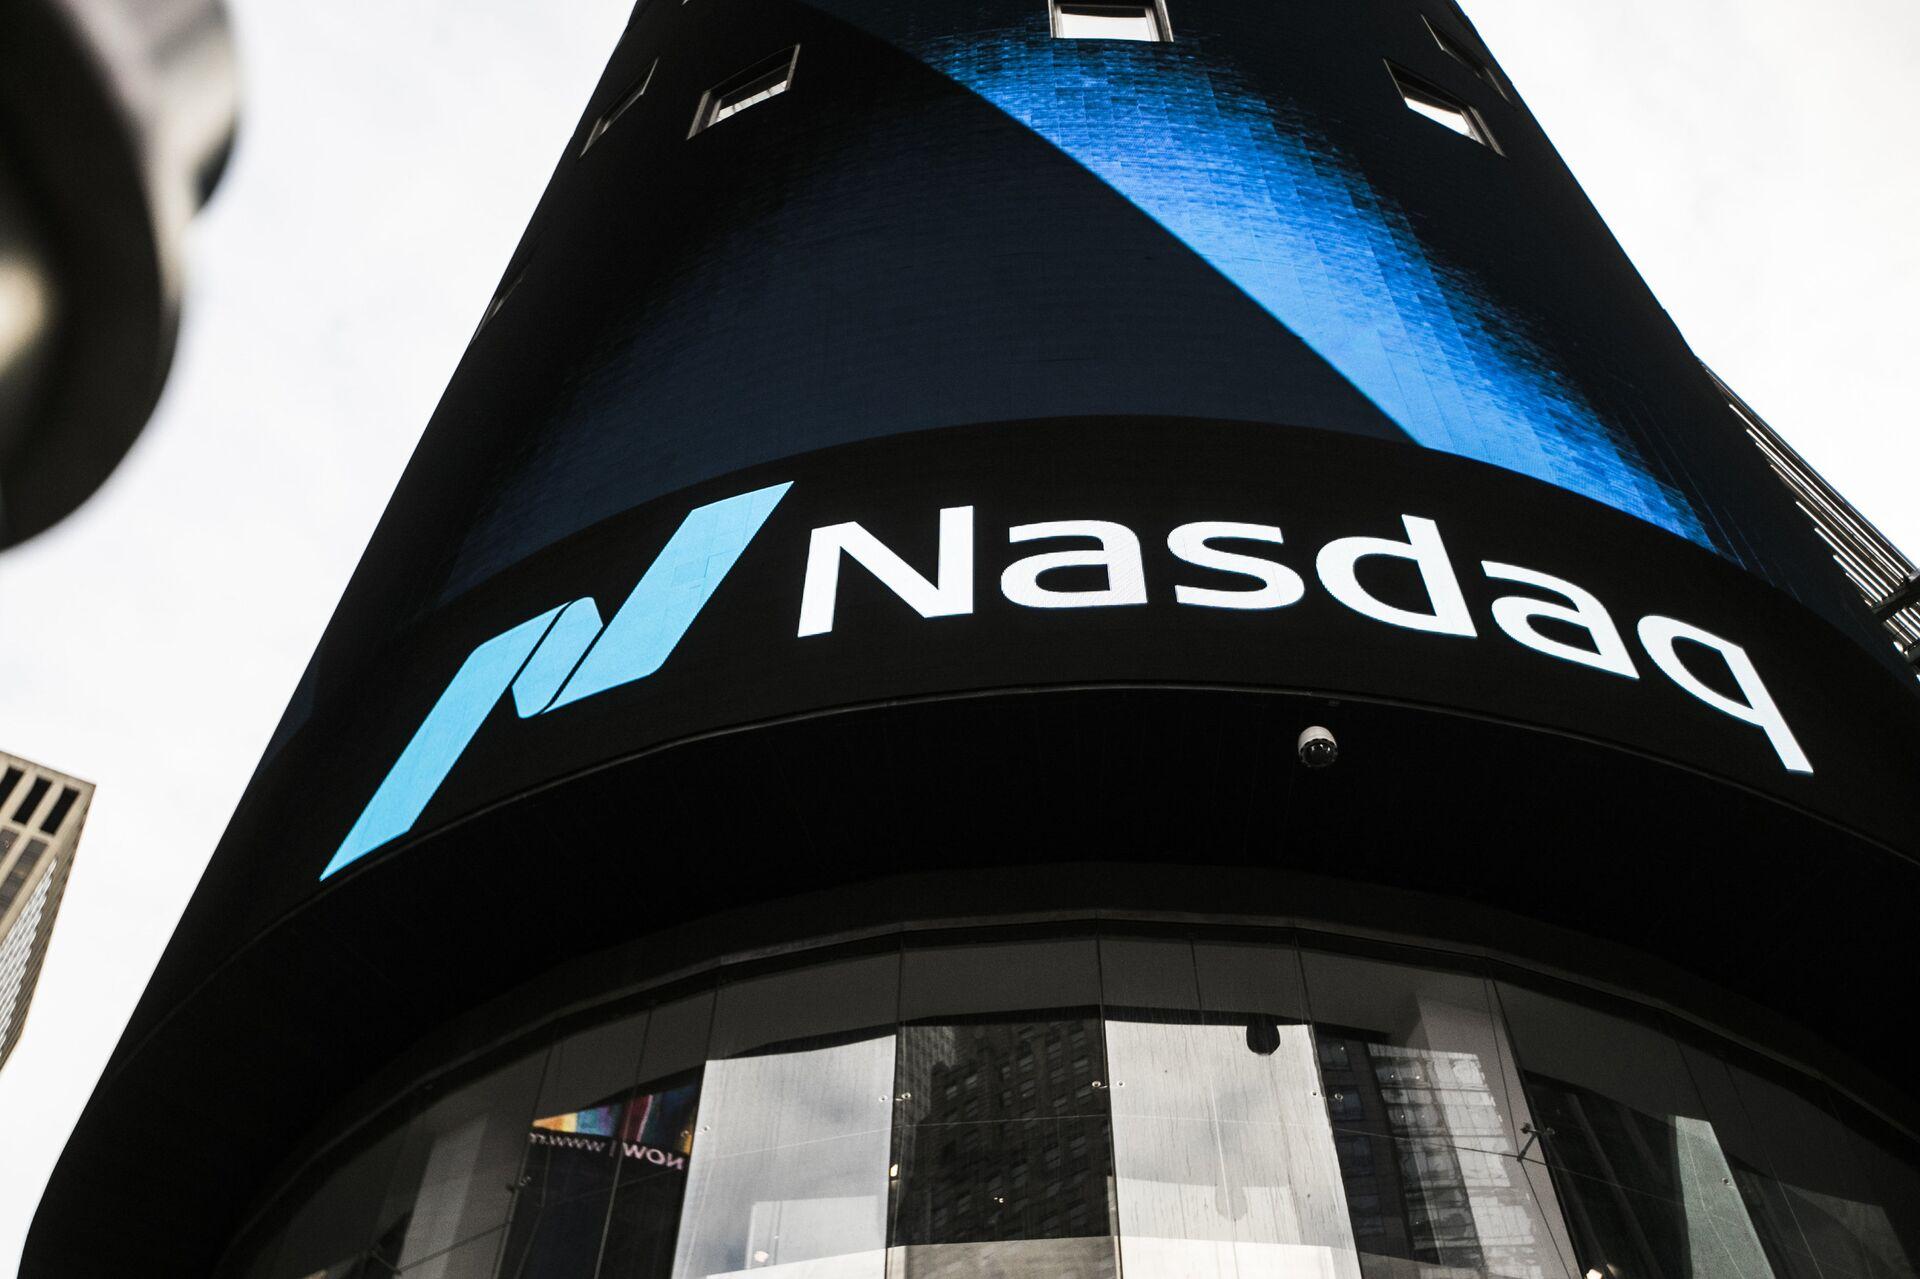 Информационная панель биржи NASDAQ на первых этажах небоскрёба Конде-Наст-билдинг на Таймс-сквер в Нью-Йорке - РИА Новости, 1920, 19.11.2020